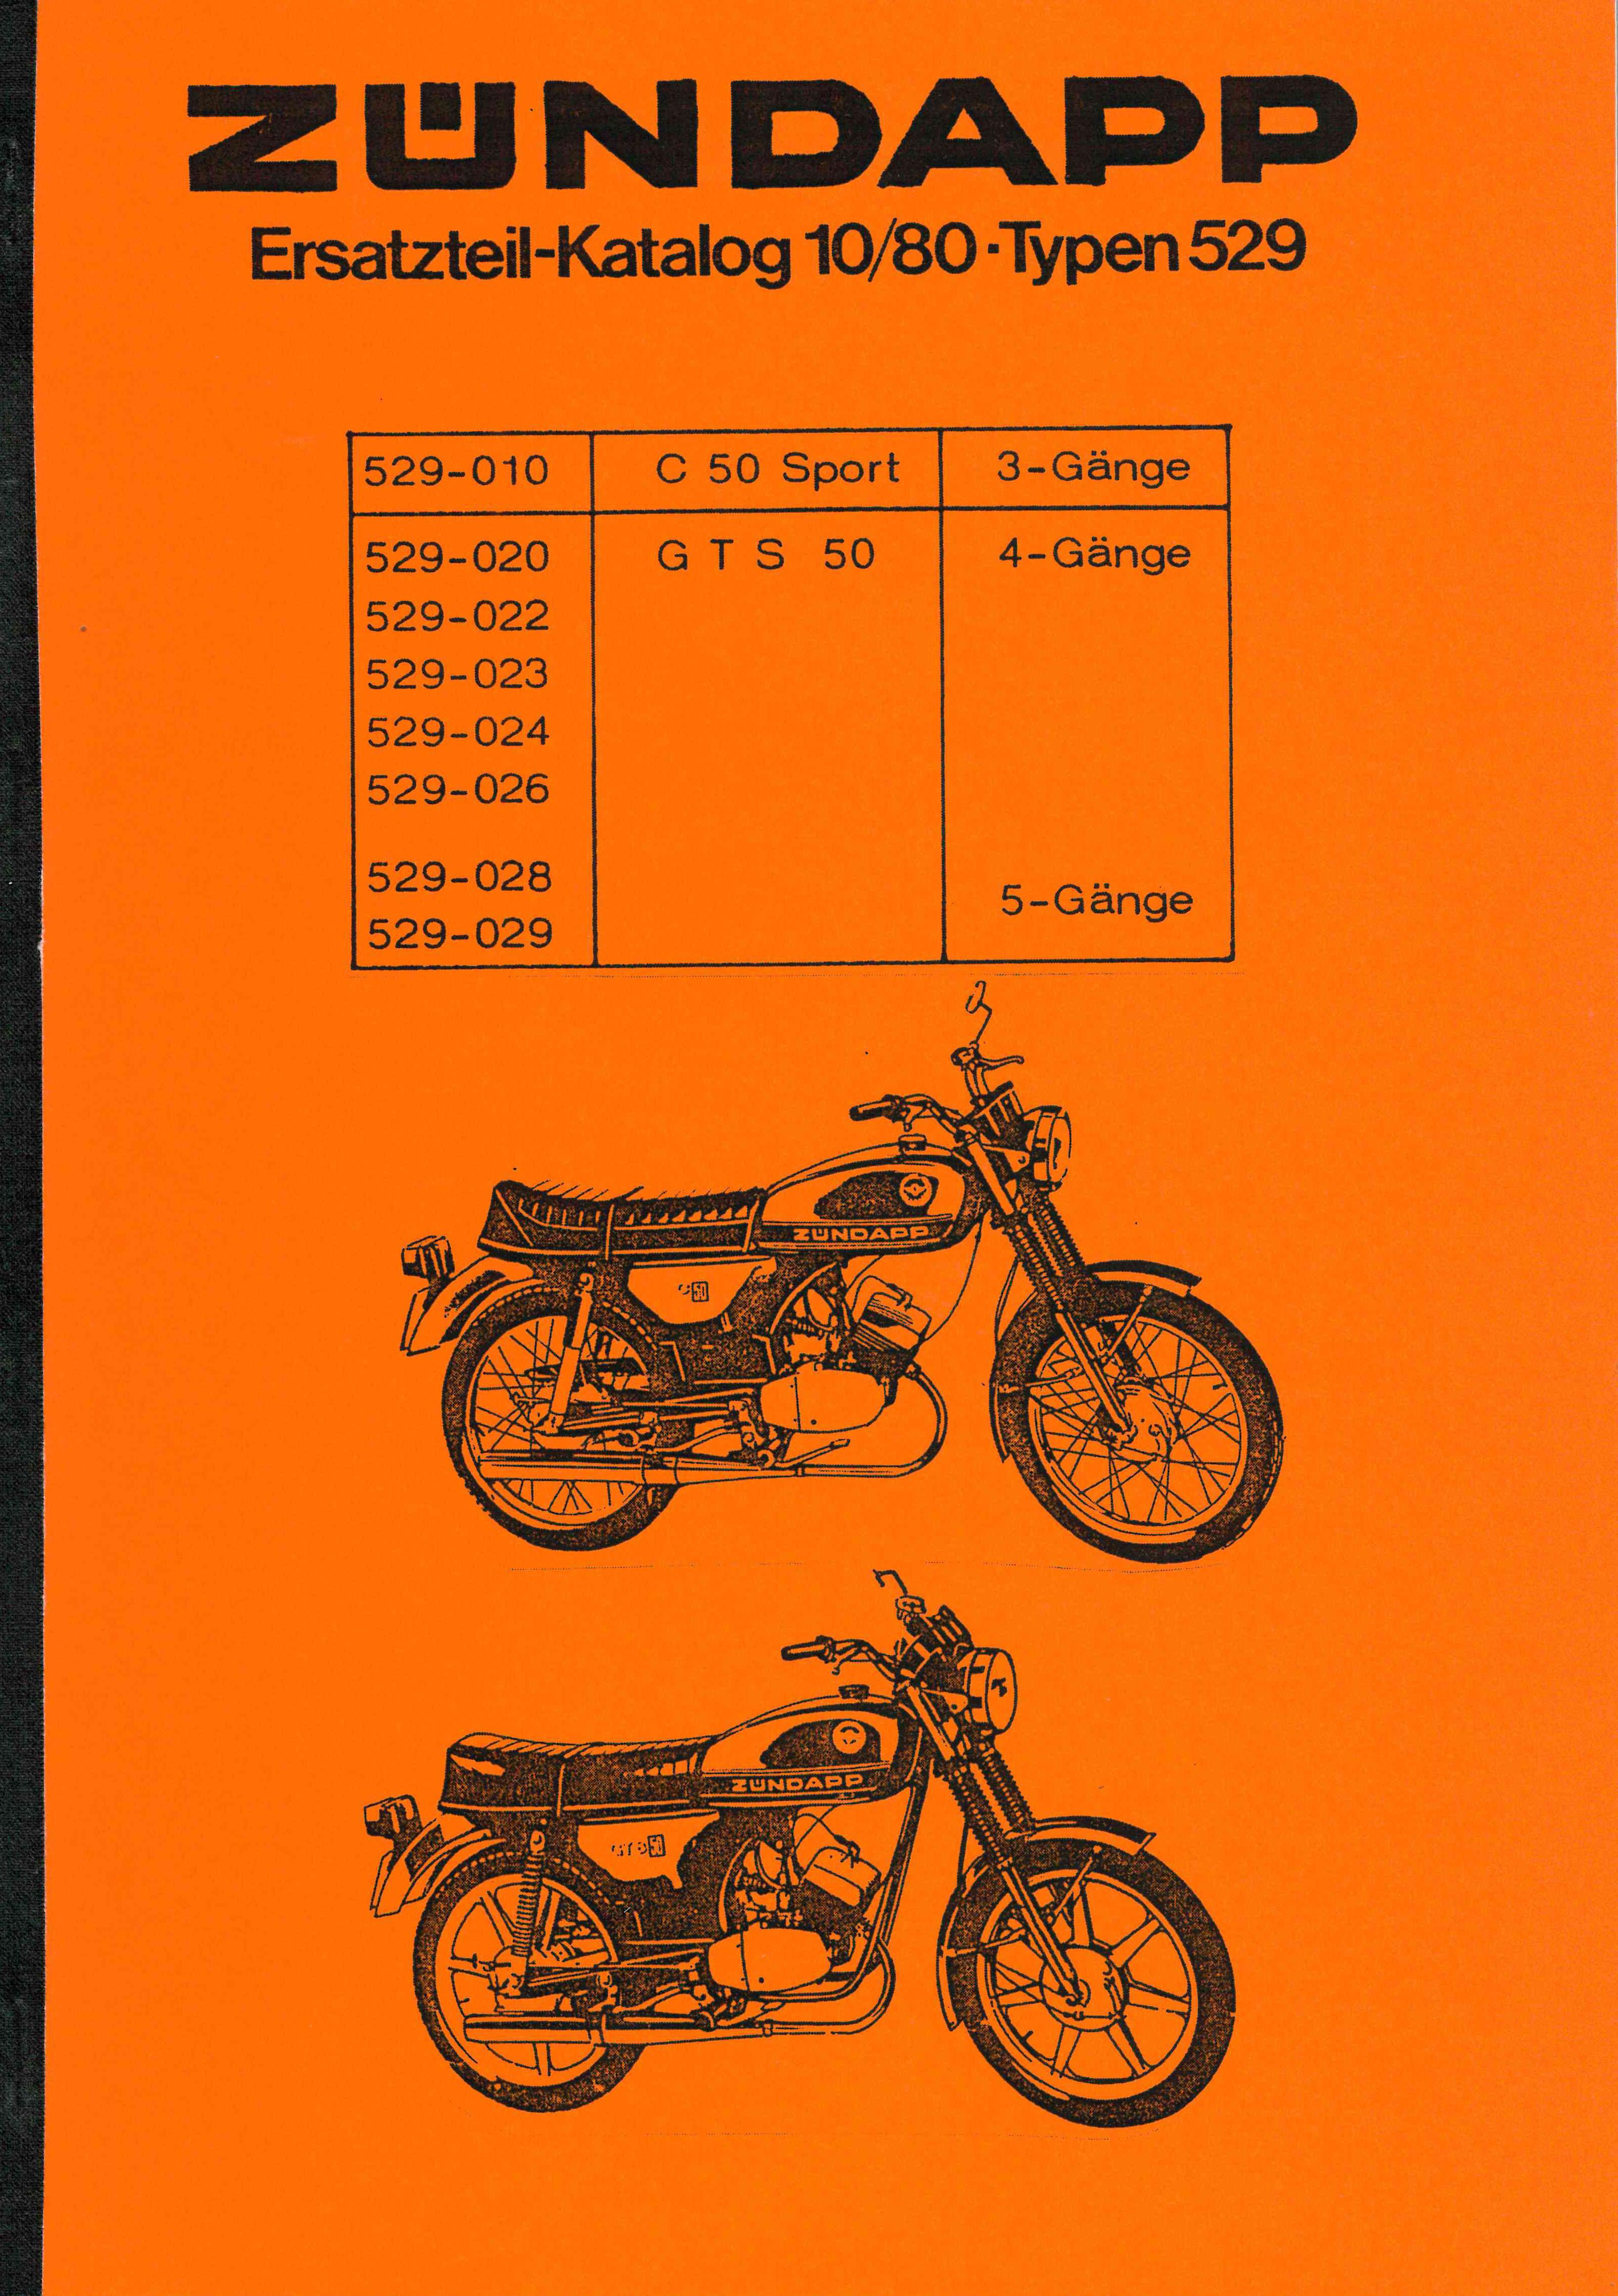 moped garage net z ndapp c 50 sport gts 50 typ 529 ersatzteil rh moped garage net